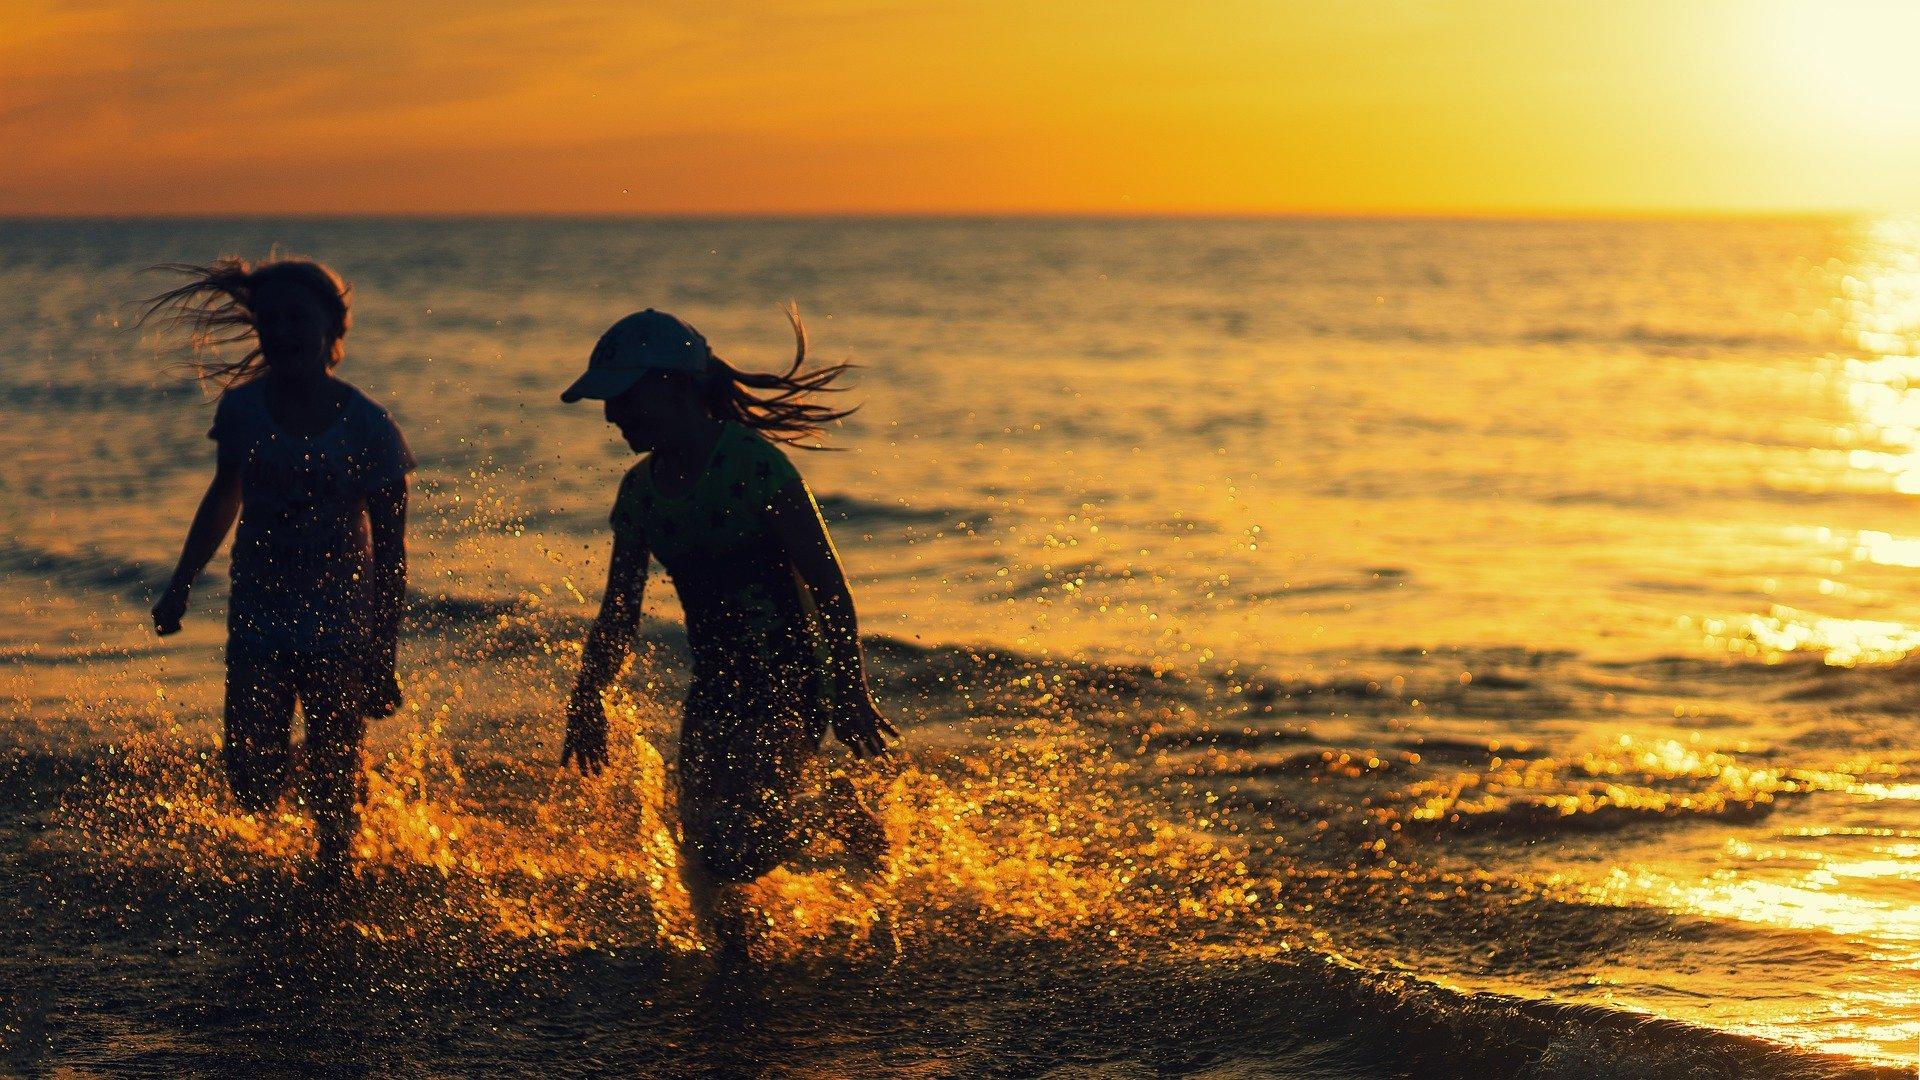 due ragazzine in ombra che si corrono dietro sul bagnasciuta al tramonto